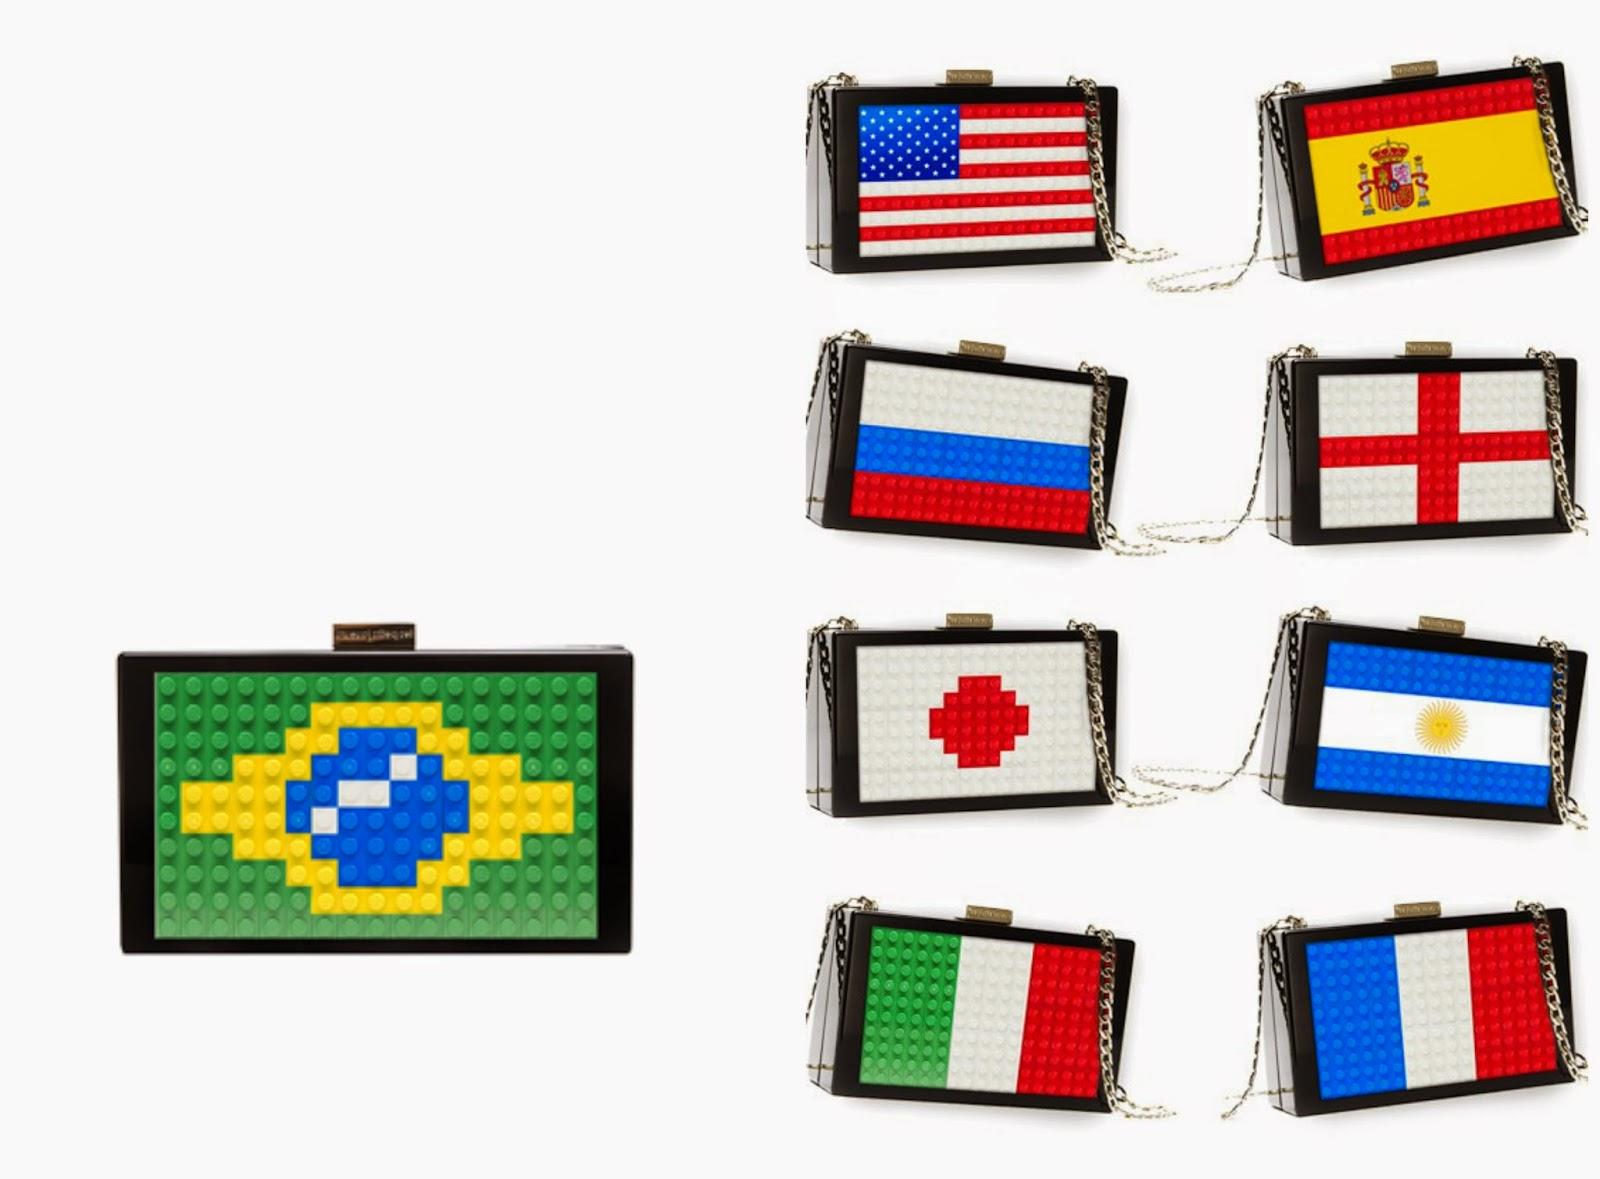 les petits joueurs world cup brazil 2014 bag